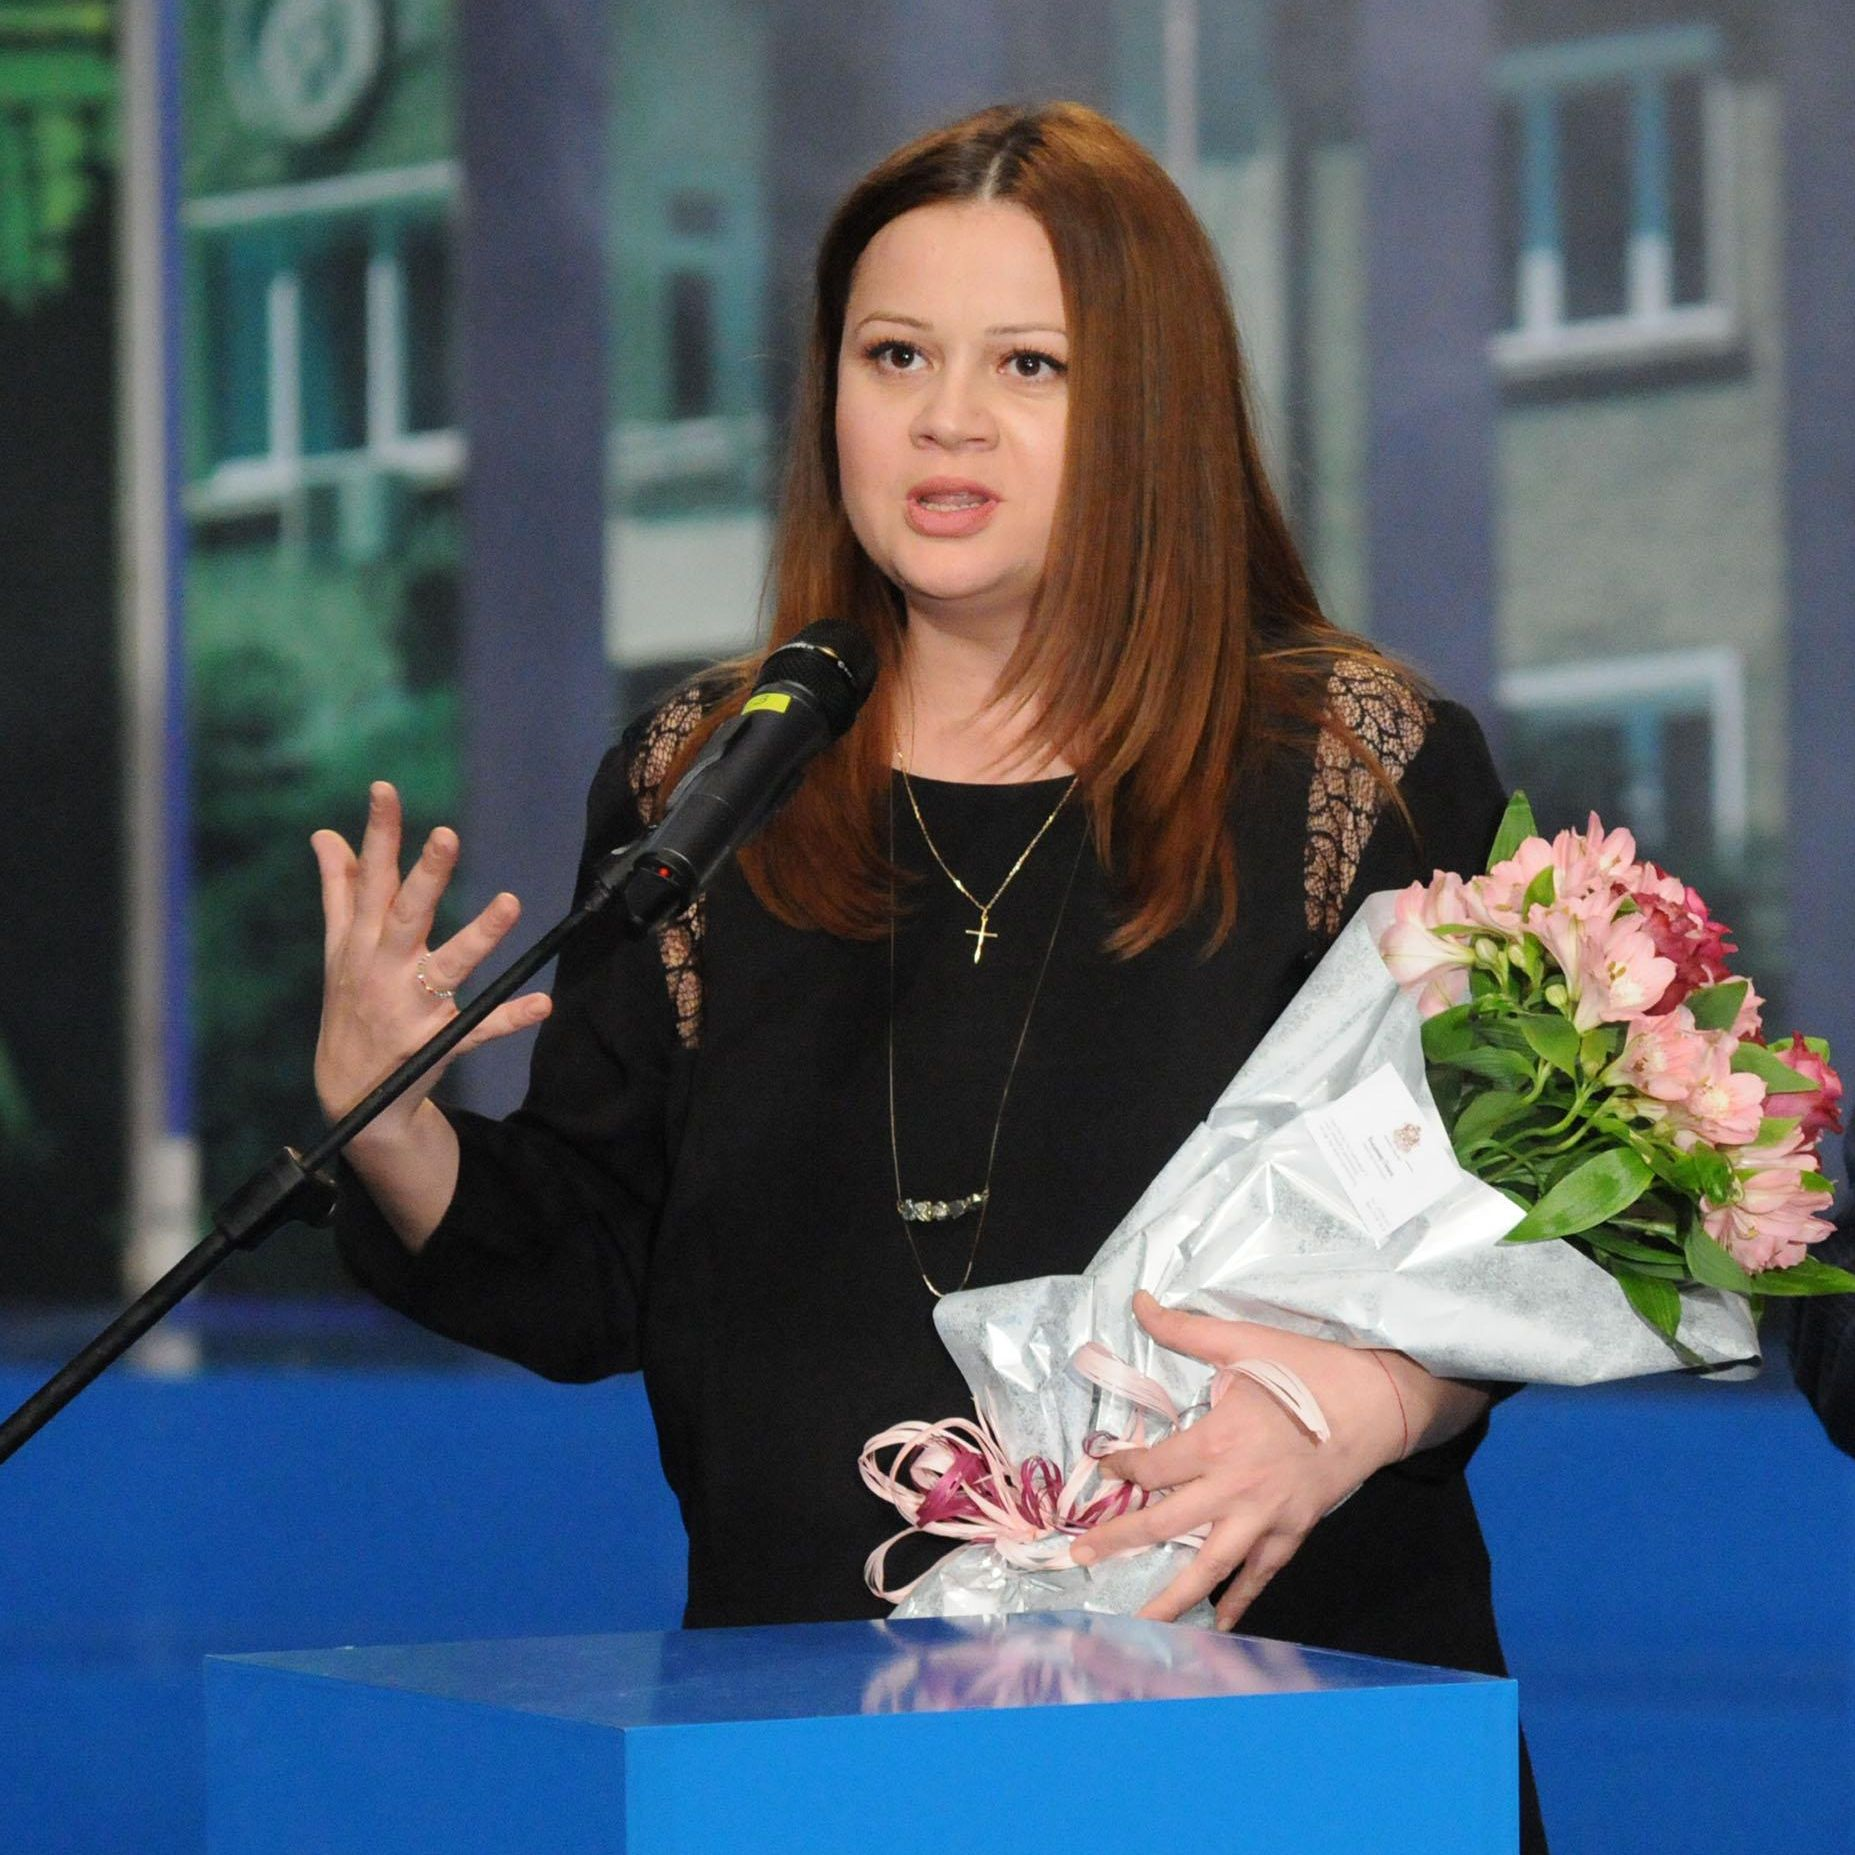 Анастасия Ингилизова се сдоби с втори син